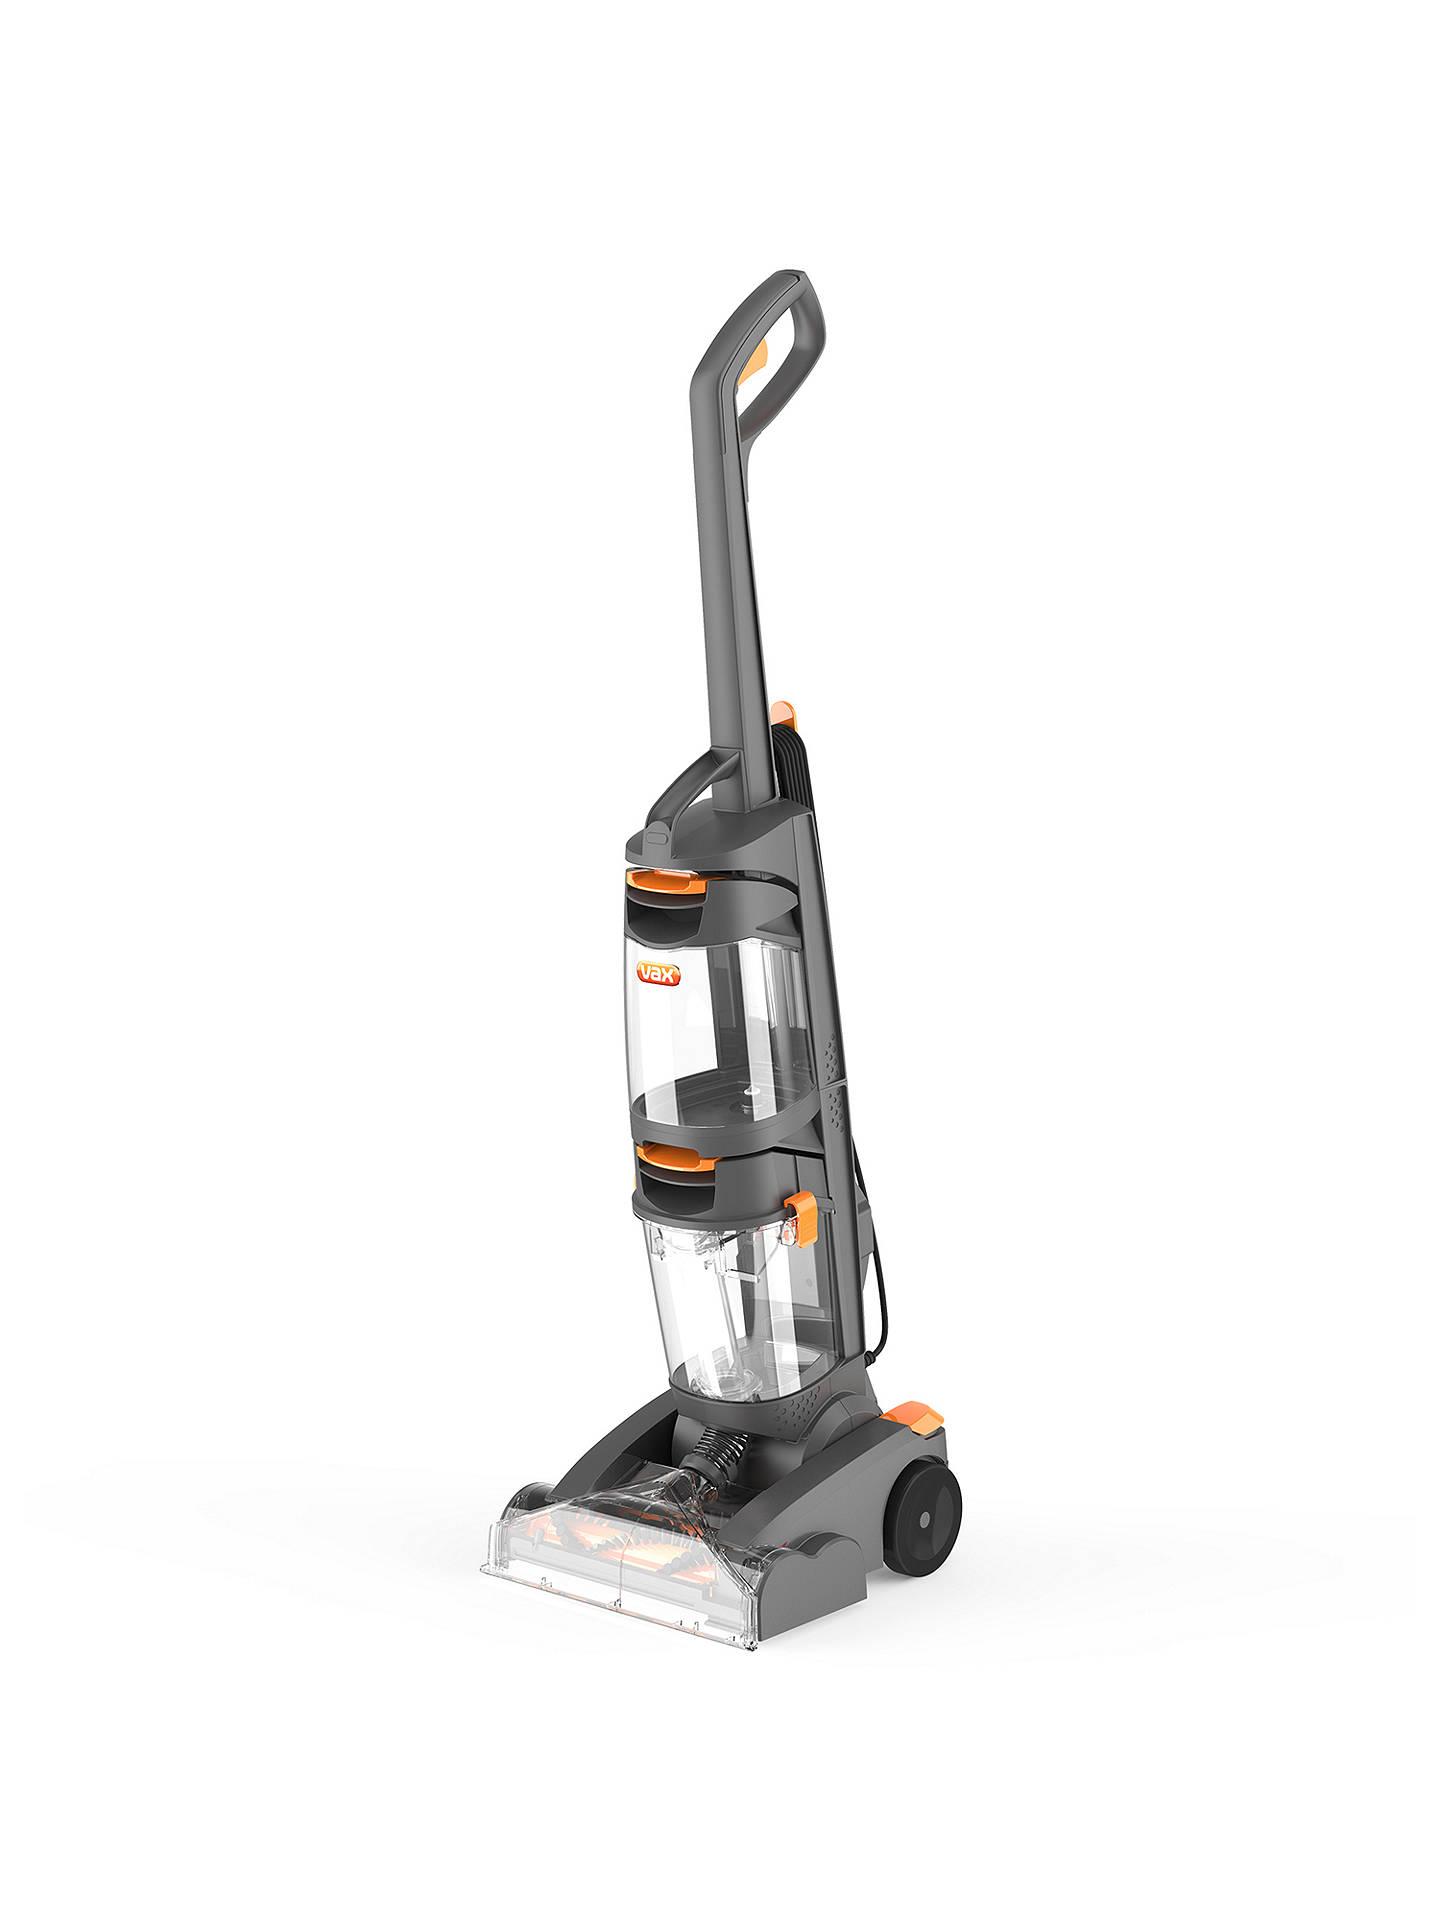 Vax W86-DP-B Dual Power Carpet Cleaner at John Lewis